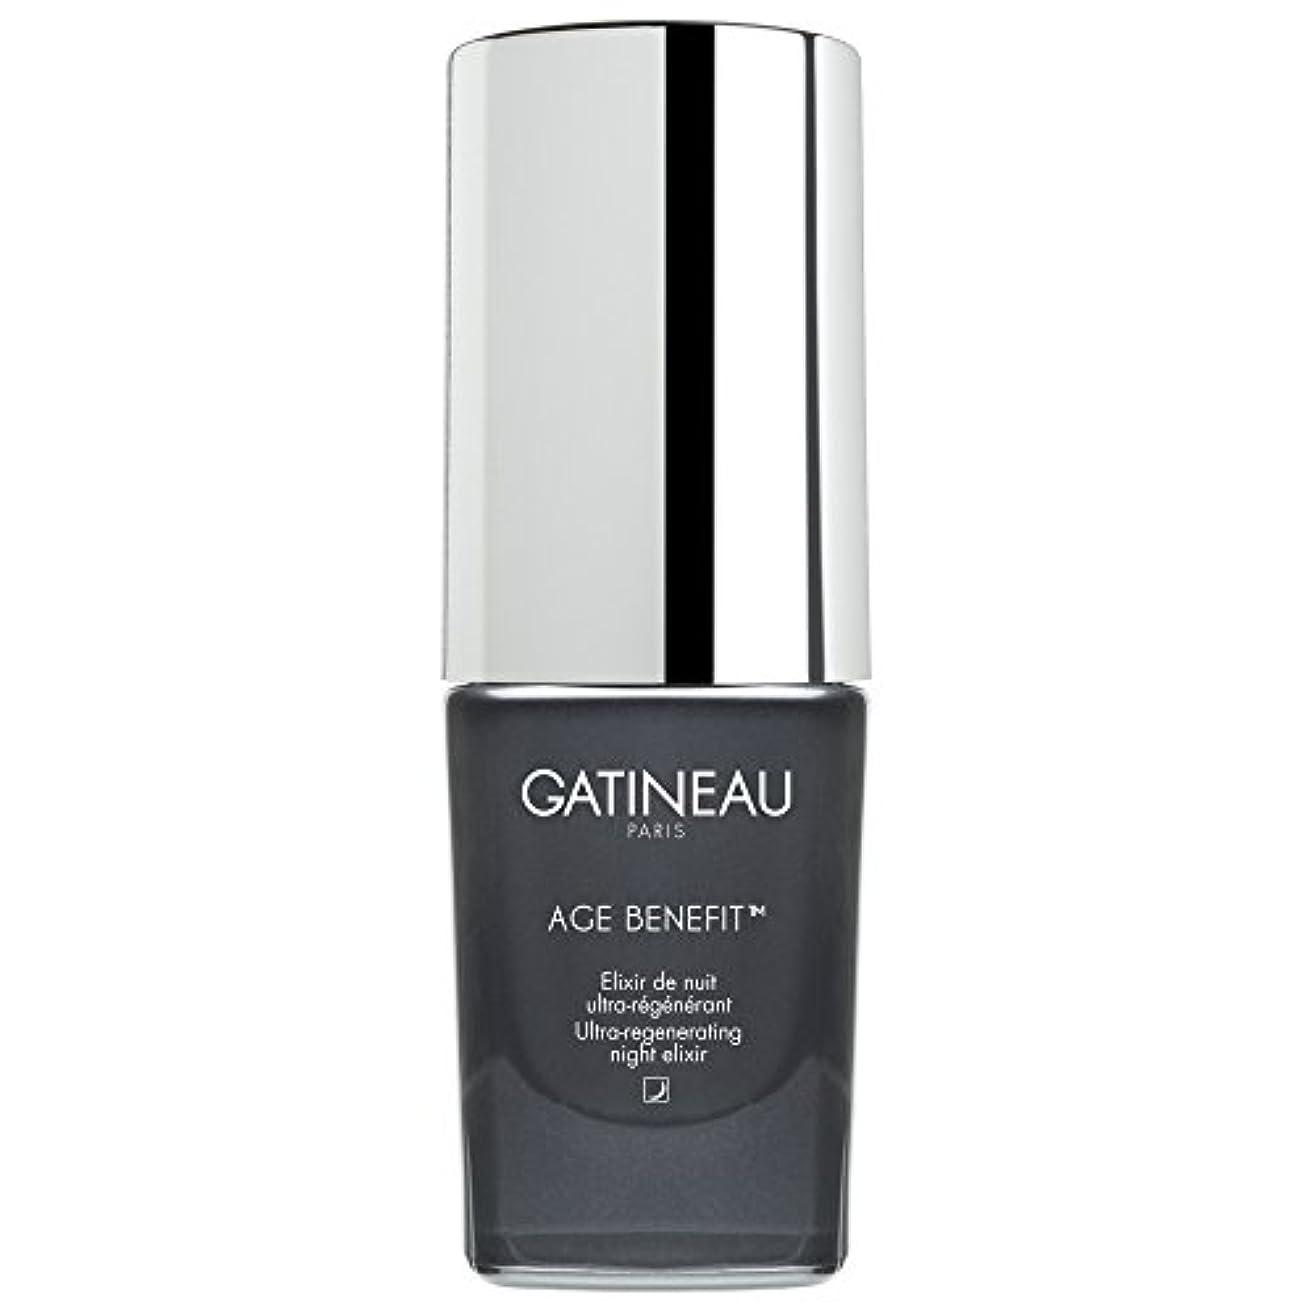 消化器磁石枯渇するガティノー年齢給付超再生夜のエリクシルの15ミリリットル (Gatineau) (x6) - Gatineau Age Benefit Ultra-Regenerating Night Elixir 15ml (Pack...